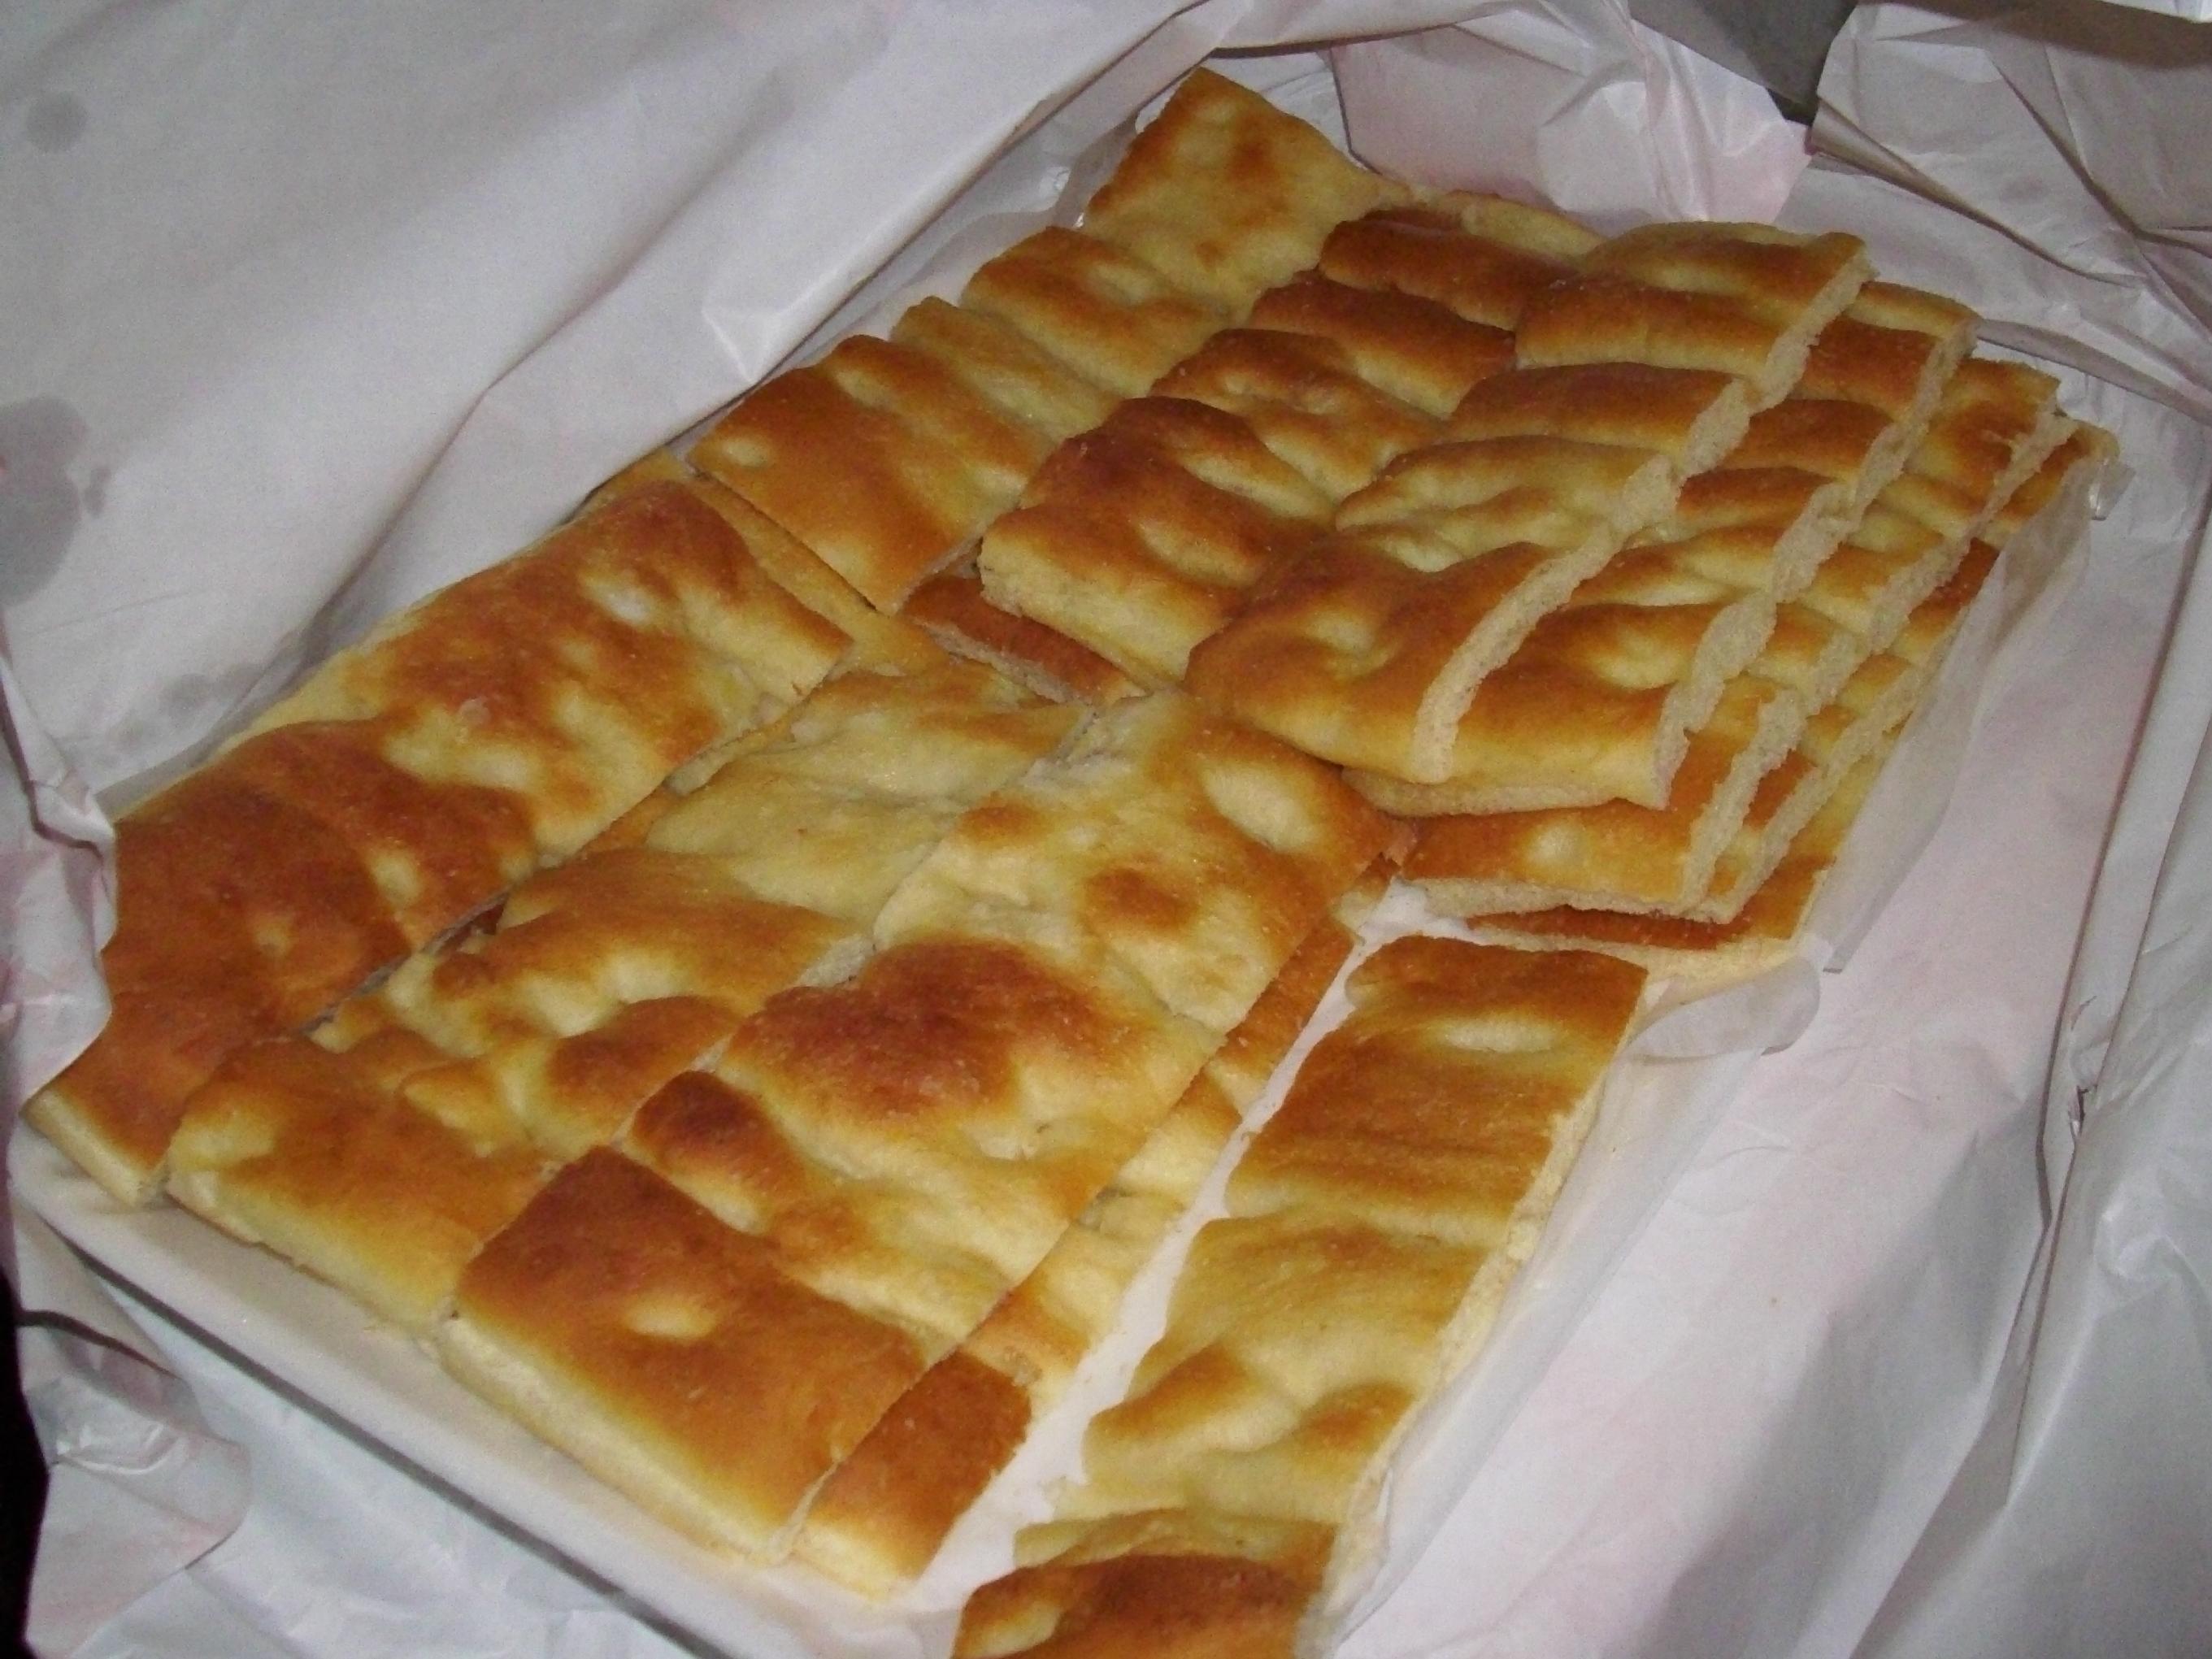 ... focaccia focaccia pain huile romarin focaccia italienne focaccia